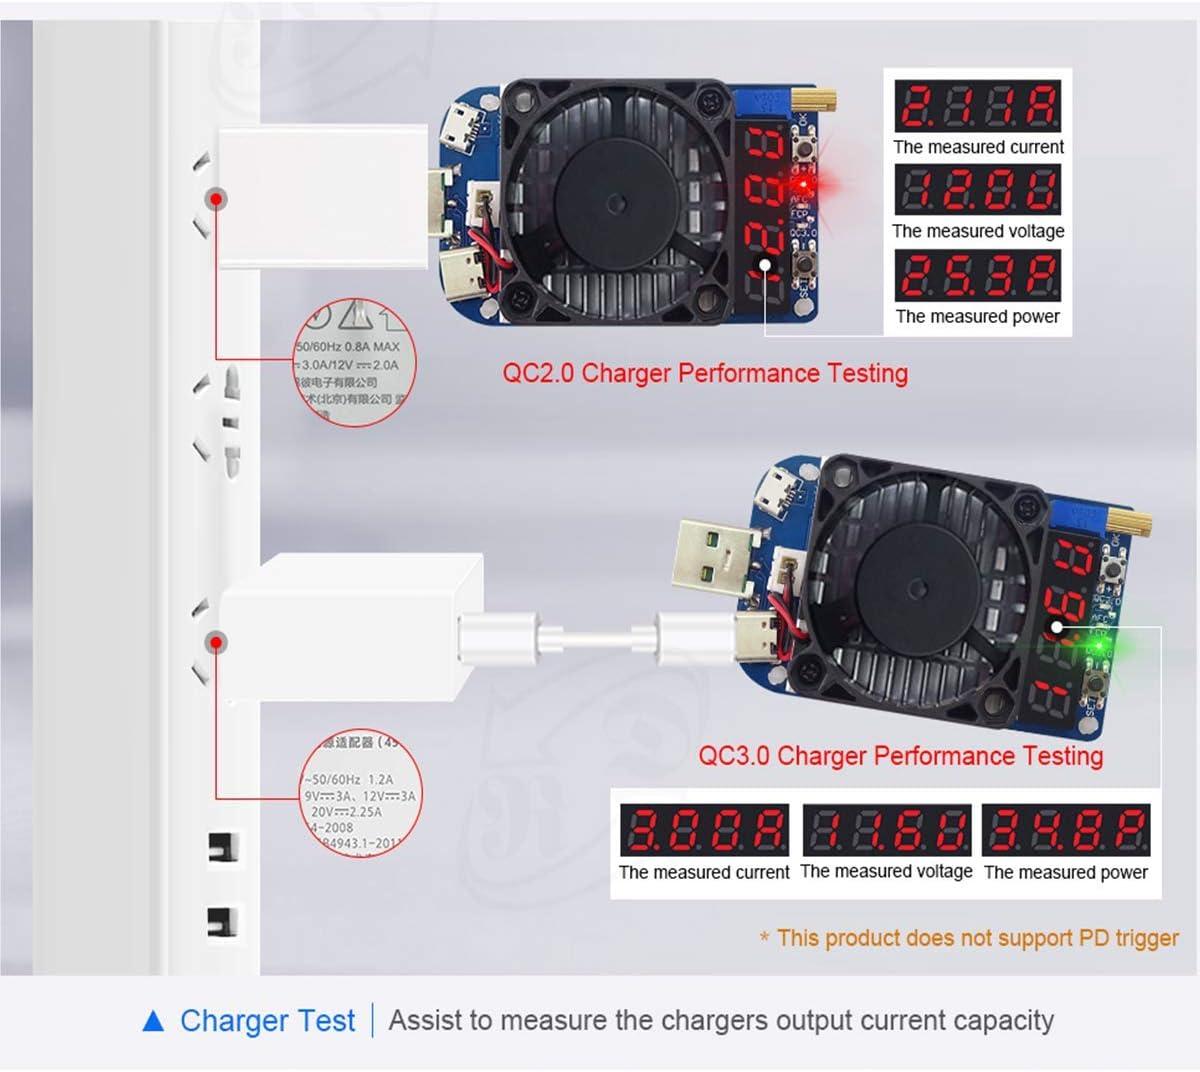 testeur de Courant Bluetooth de Type C pour testeur USB de Type C Bluetooth QC 2.0 3.0 multim/ètre de testeur de Courant pour /écran LCD Couleur 5A 1.44inch 5A DollaTek Voltm/ètre UM25C USB